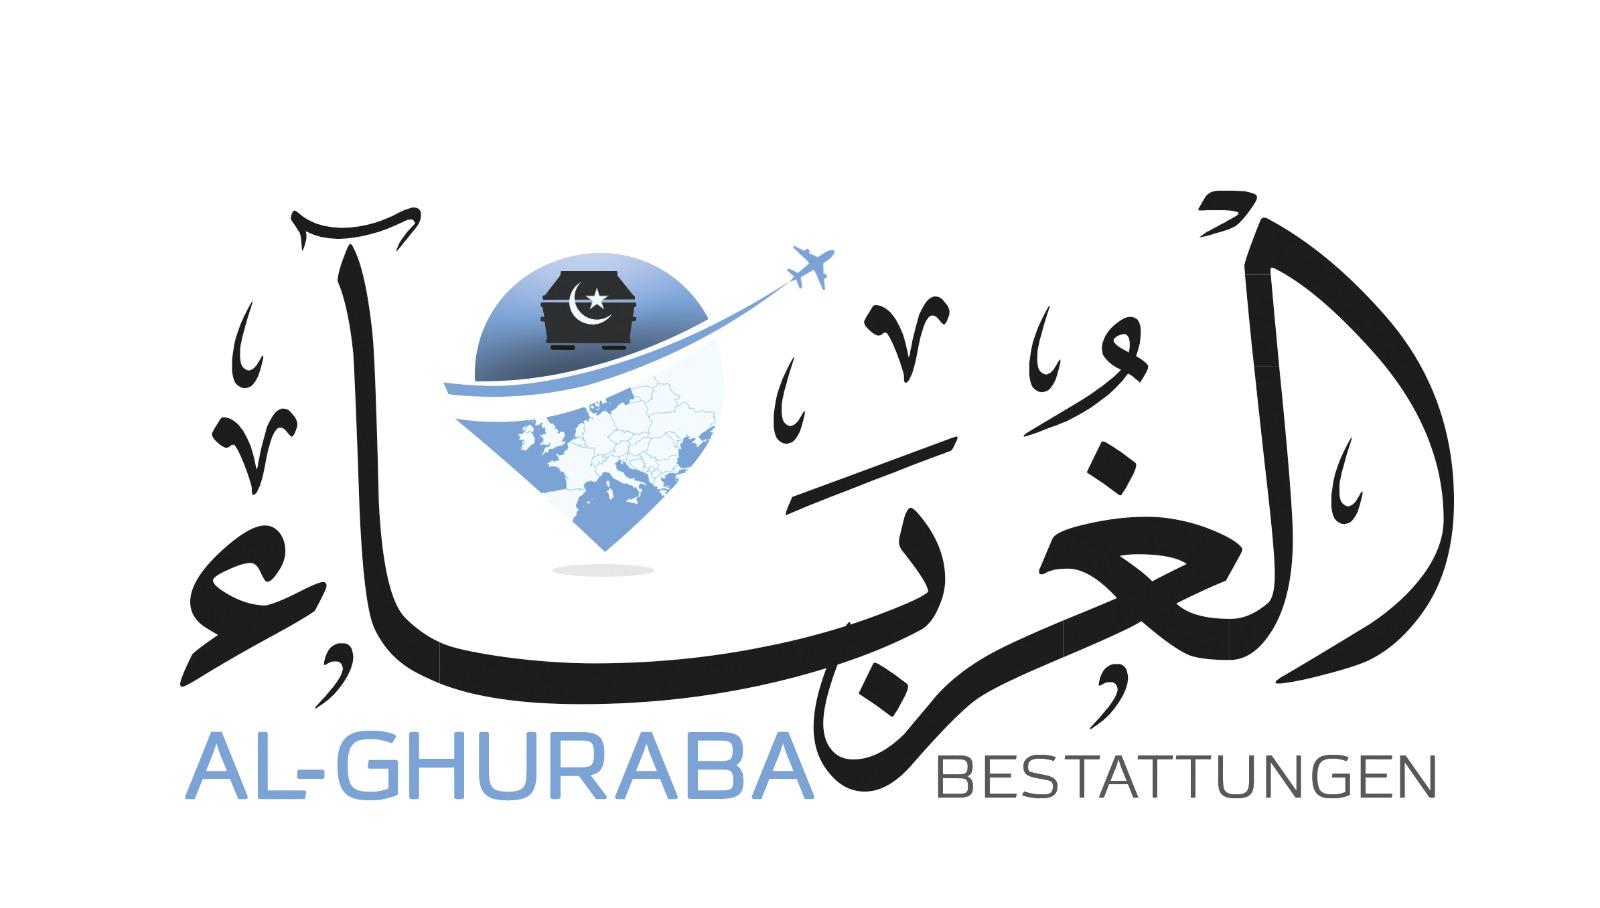 el-ghuraba